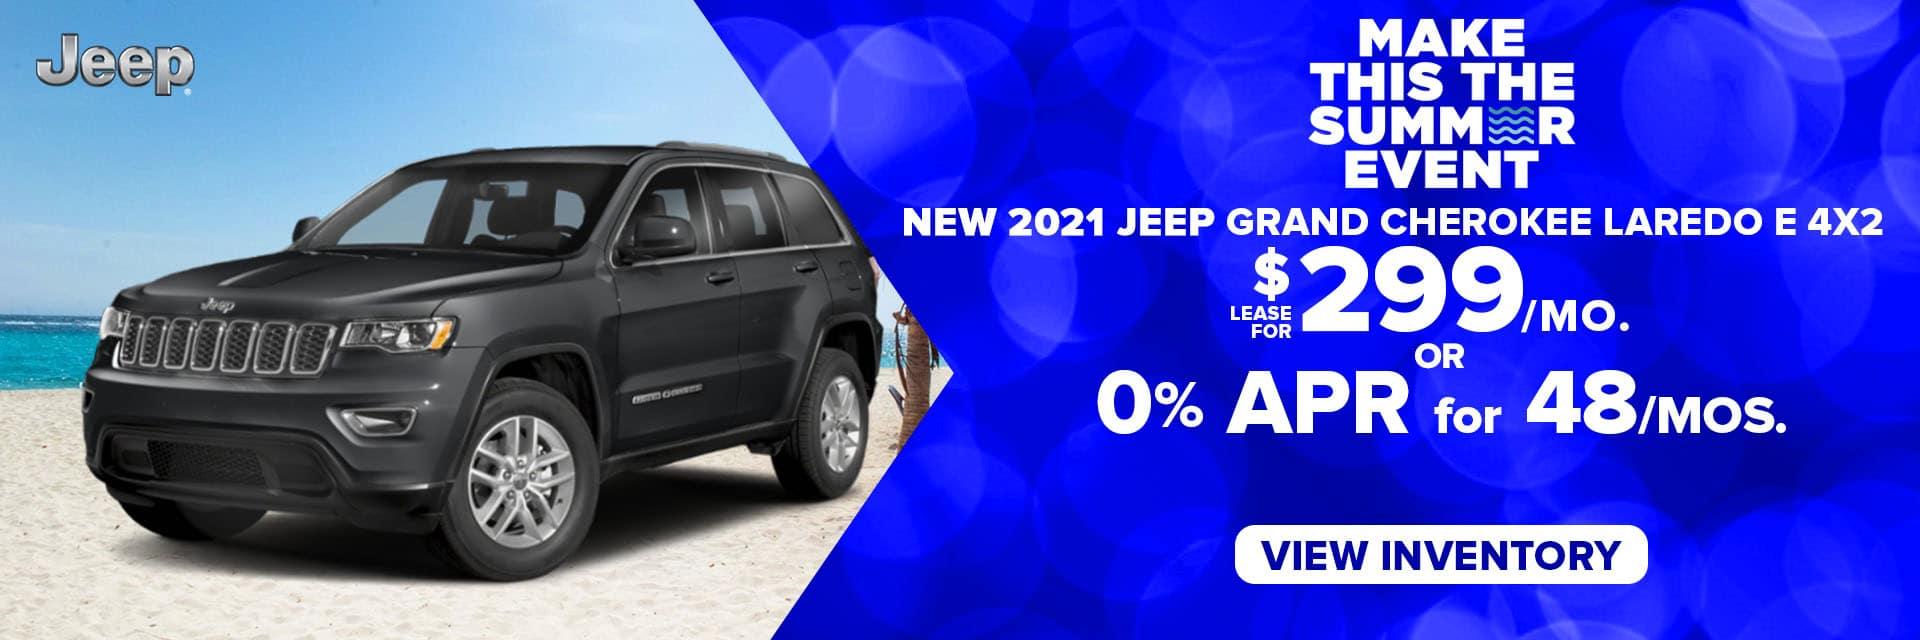 SLCJ-July 2021-2021 Jeep Grand Cherokee copy1